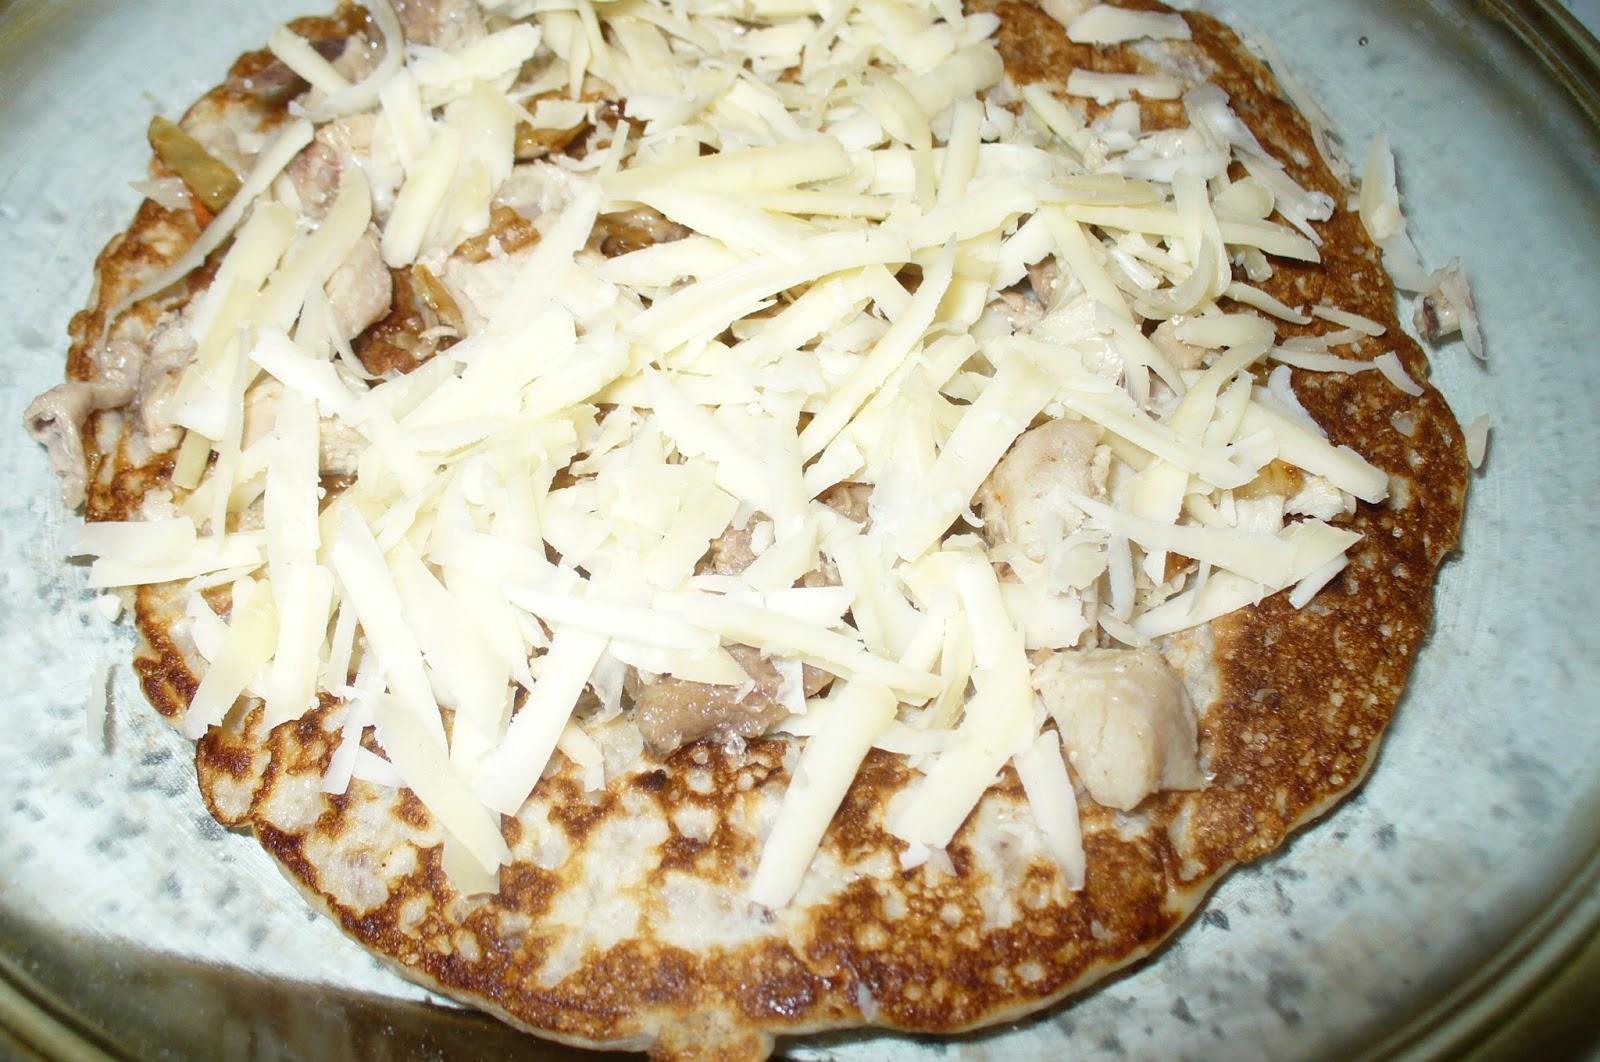 блинчатый пирог сырный слой